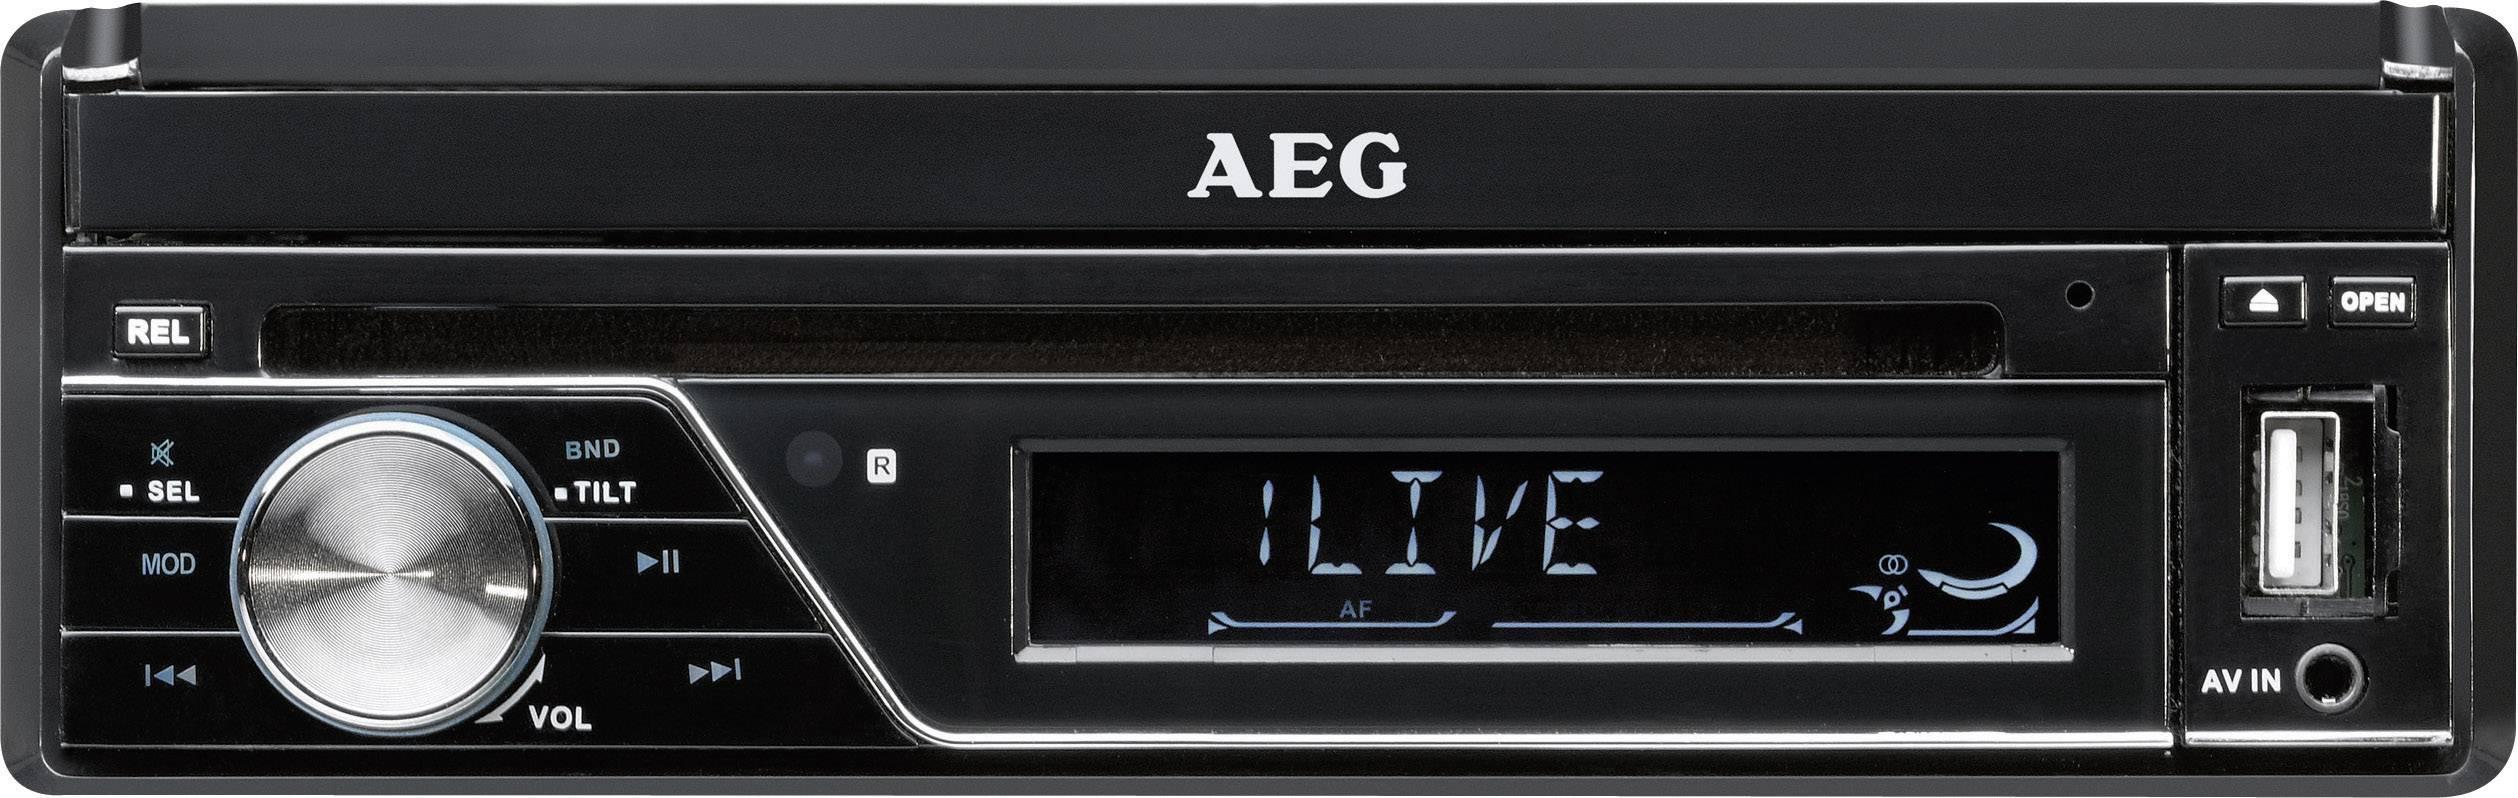 Odtwarzacz multimedialny AEG AR4026DVD 400426, 4 x 40 W, CD